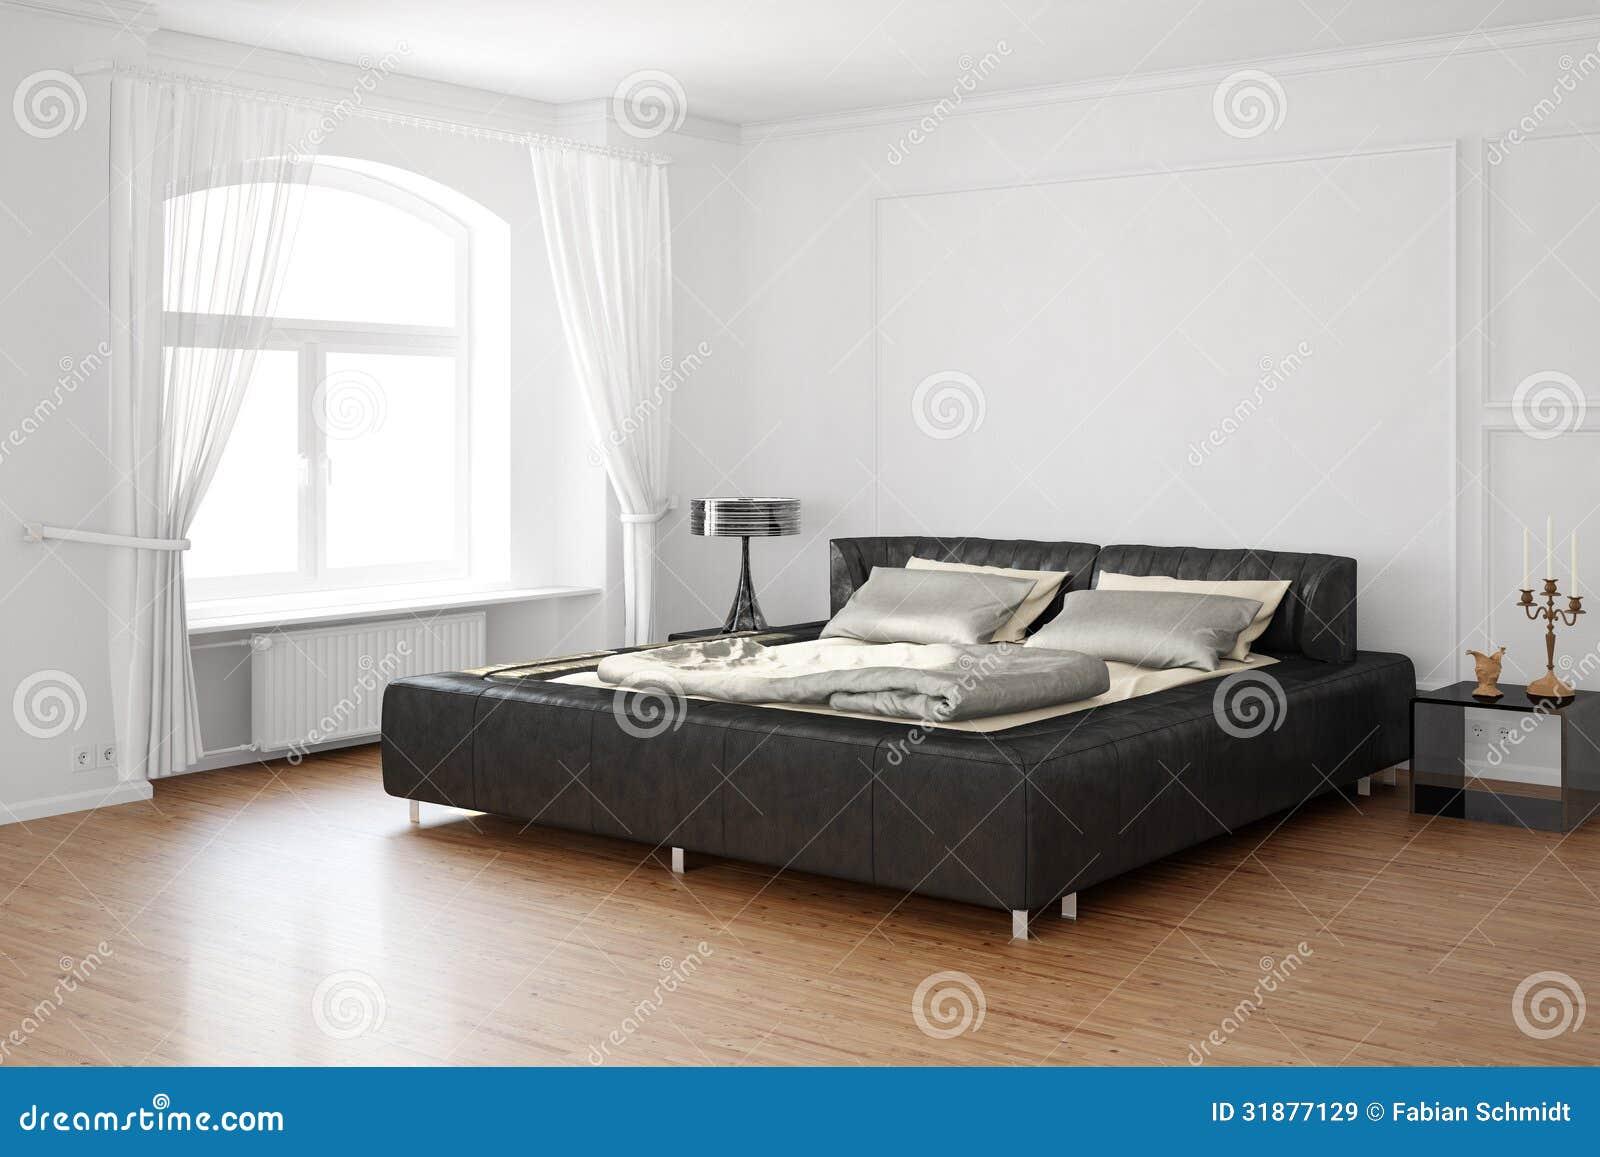 Sovrum med säng och läder royaltyfria bilder   bild: 31877129